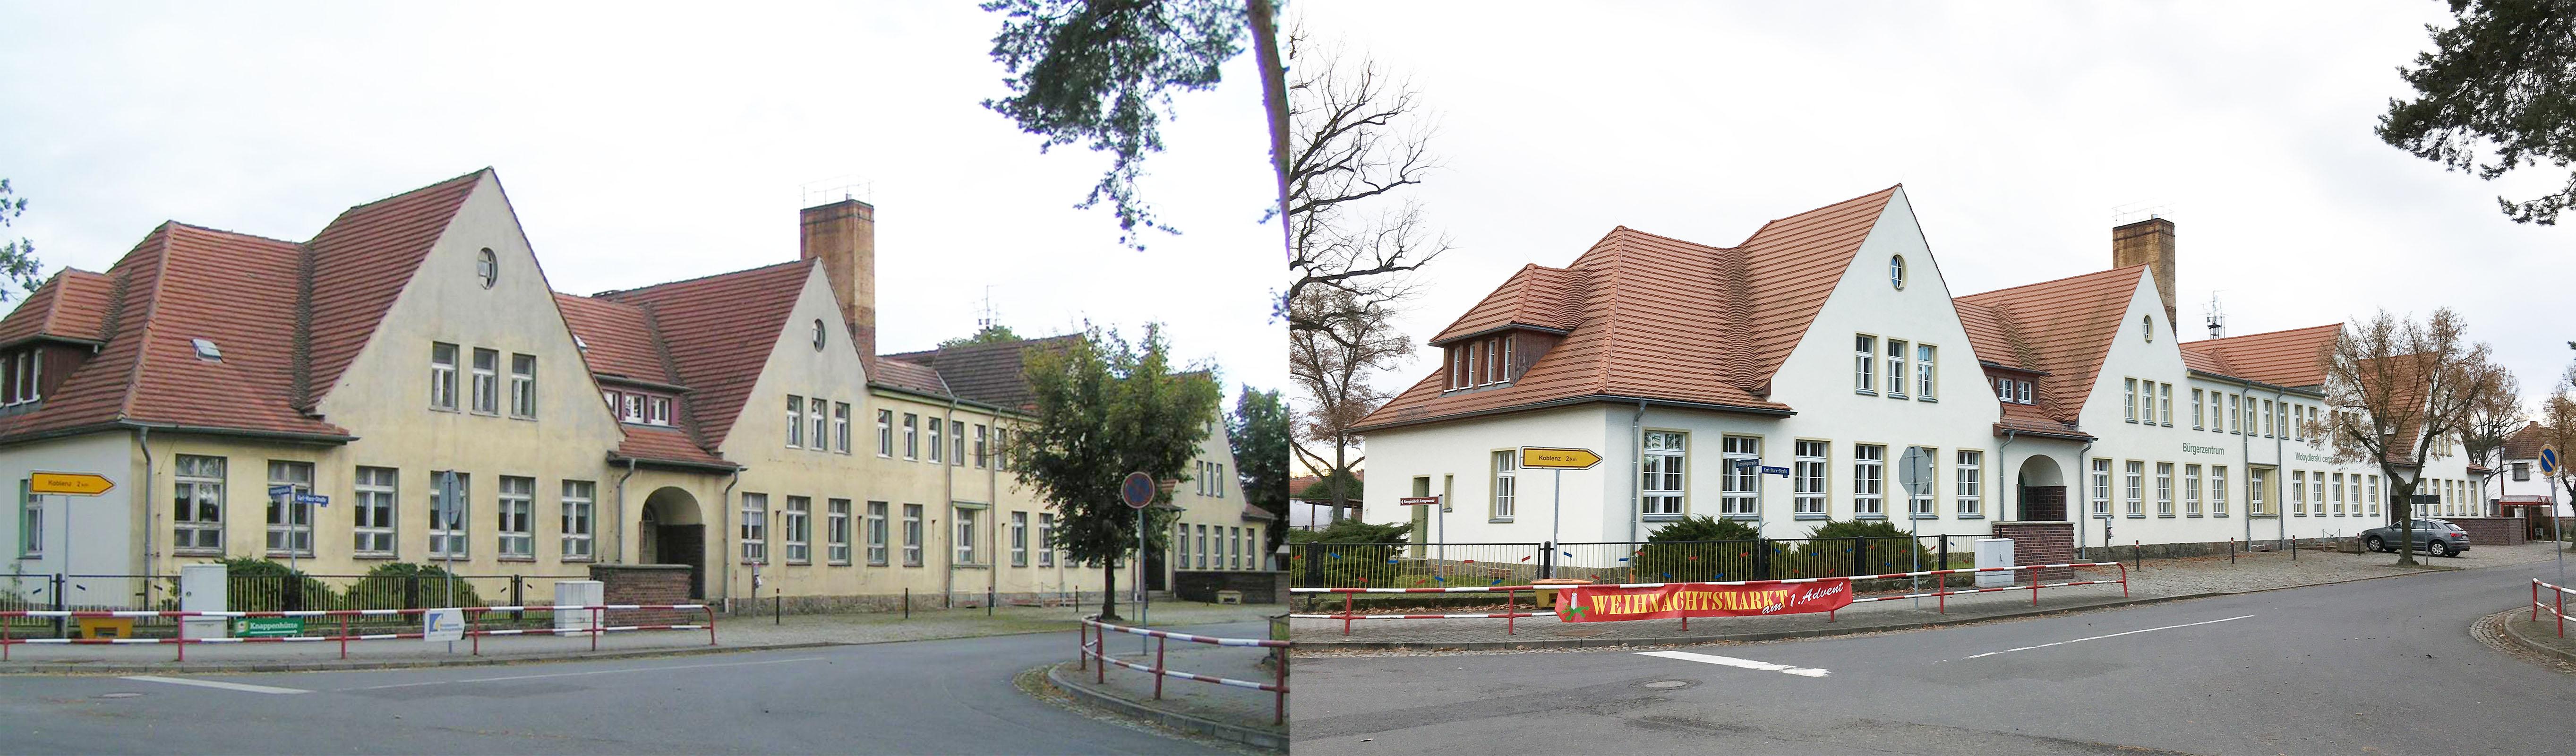 kn-bue-zentrum_schule_vor-umbau_2016